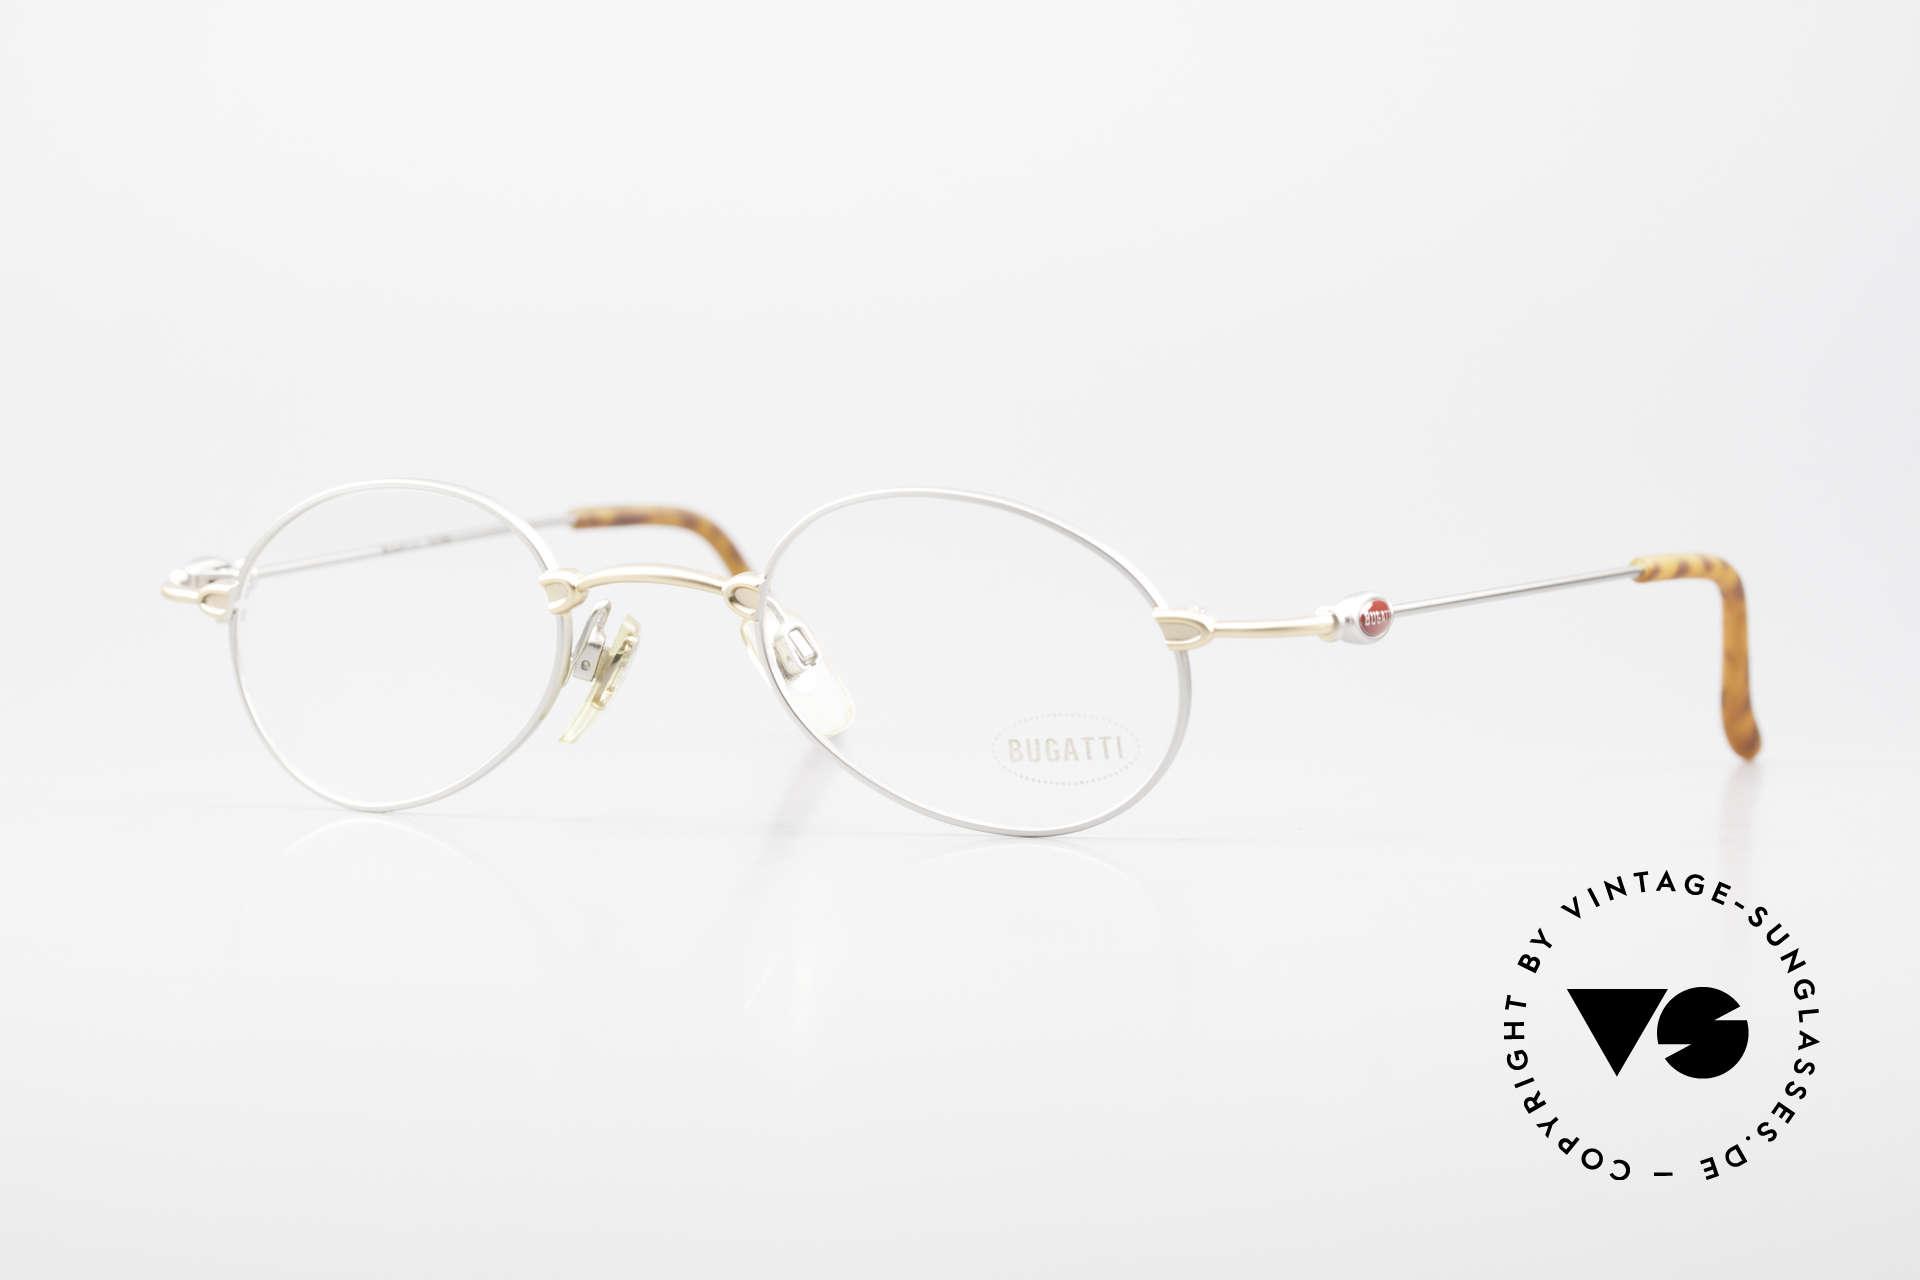 Bugatti 10759 Vintage Brille Herren 90er, sehr leichte 90er Herren Designerbrille von BUGATTI, Passend für Herren